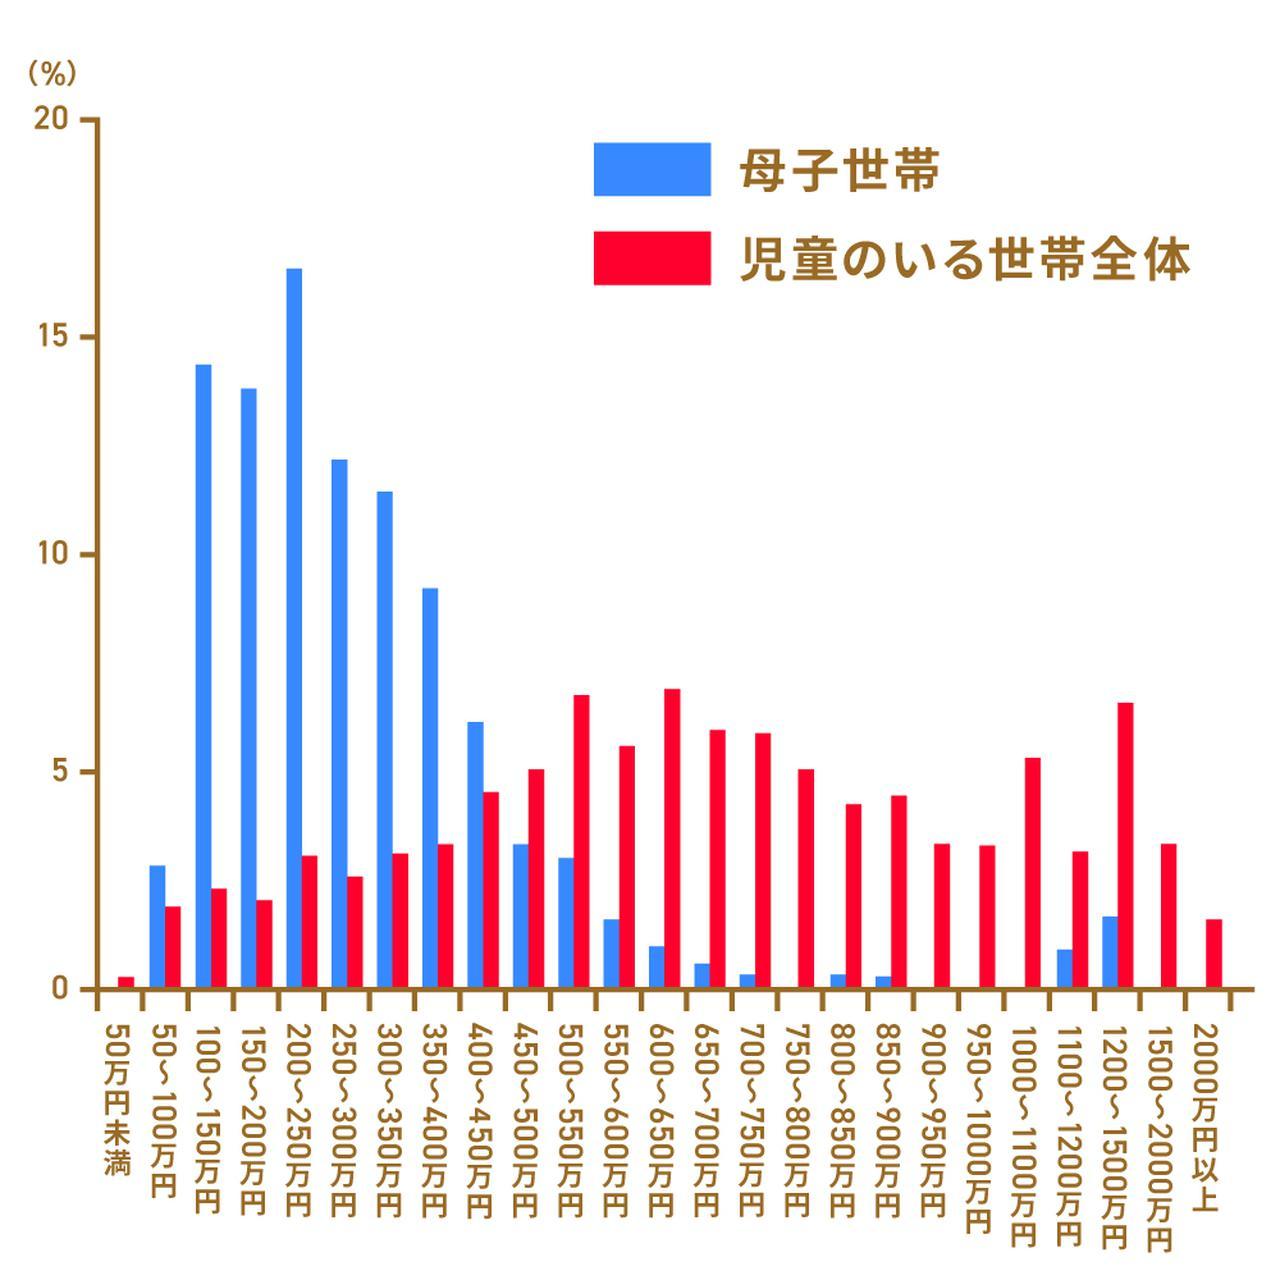 画像: ※厚生労働省「令和元年国民生活基礎調査」をもとに執筆者作成 ※児童のいる世帯にはシングルマザー世帯も含まれます